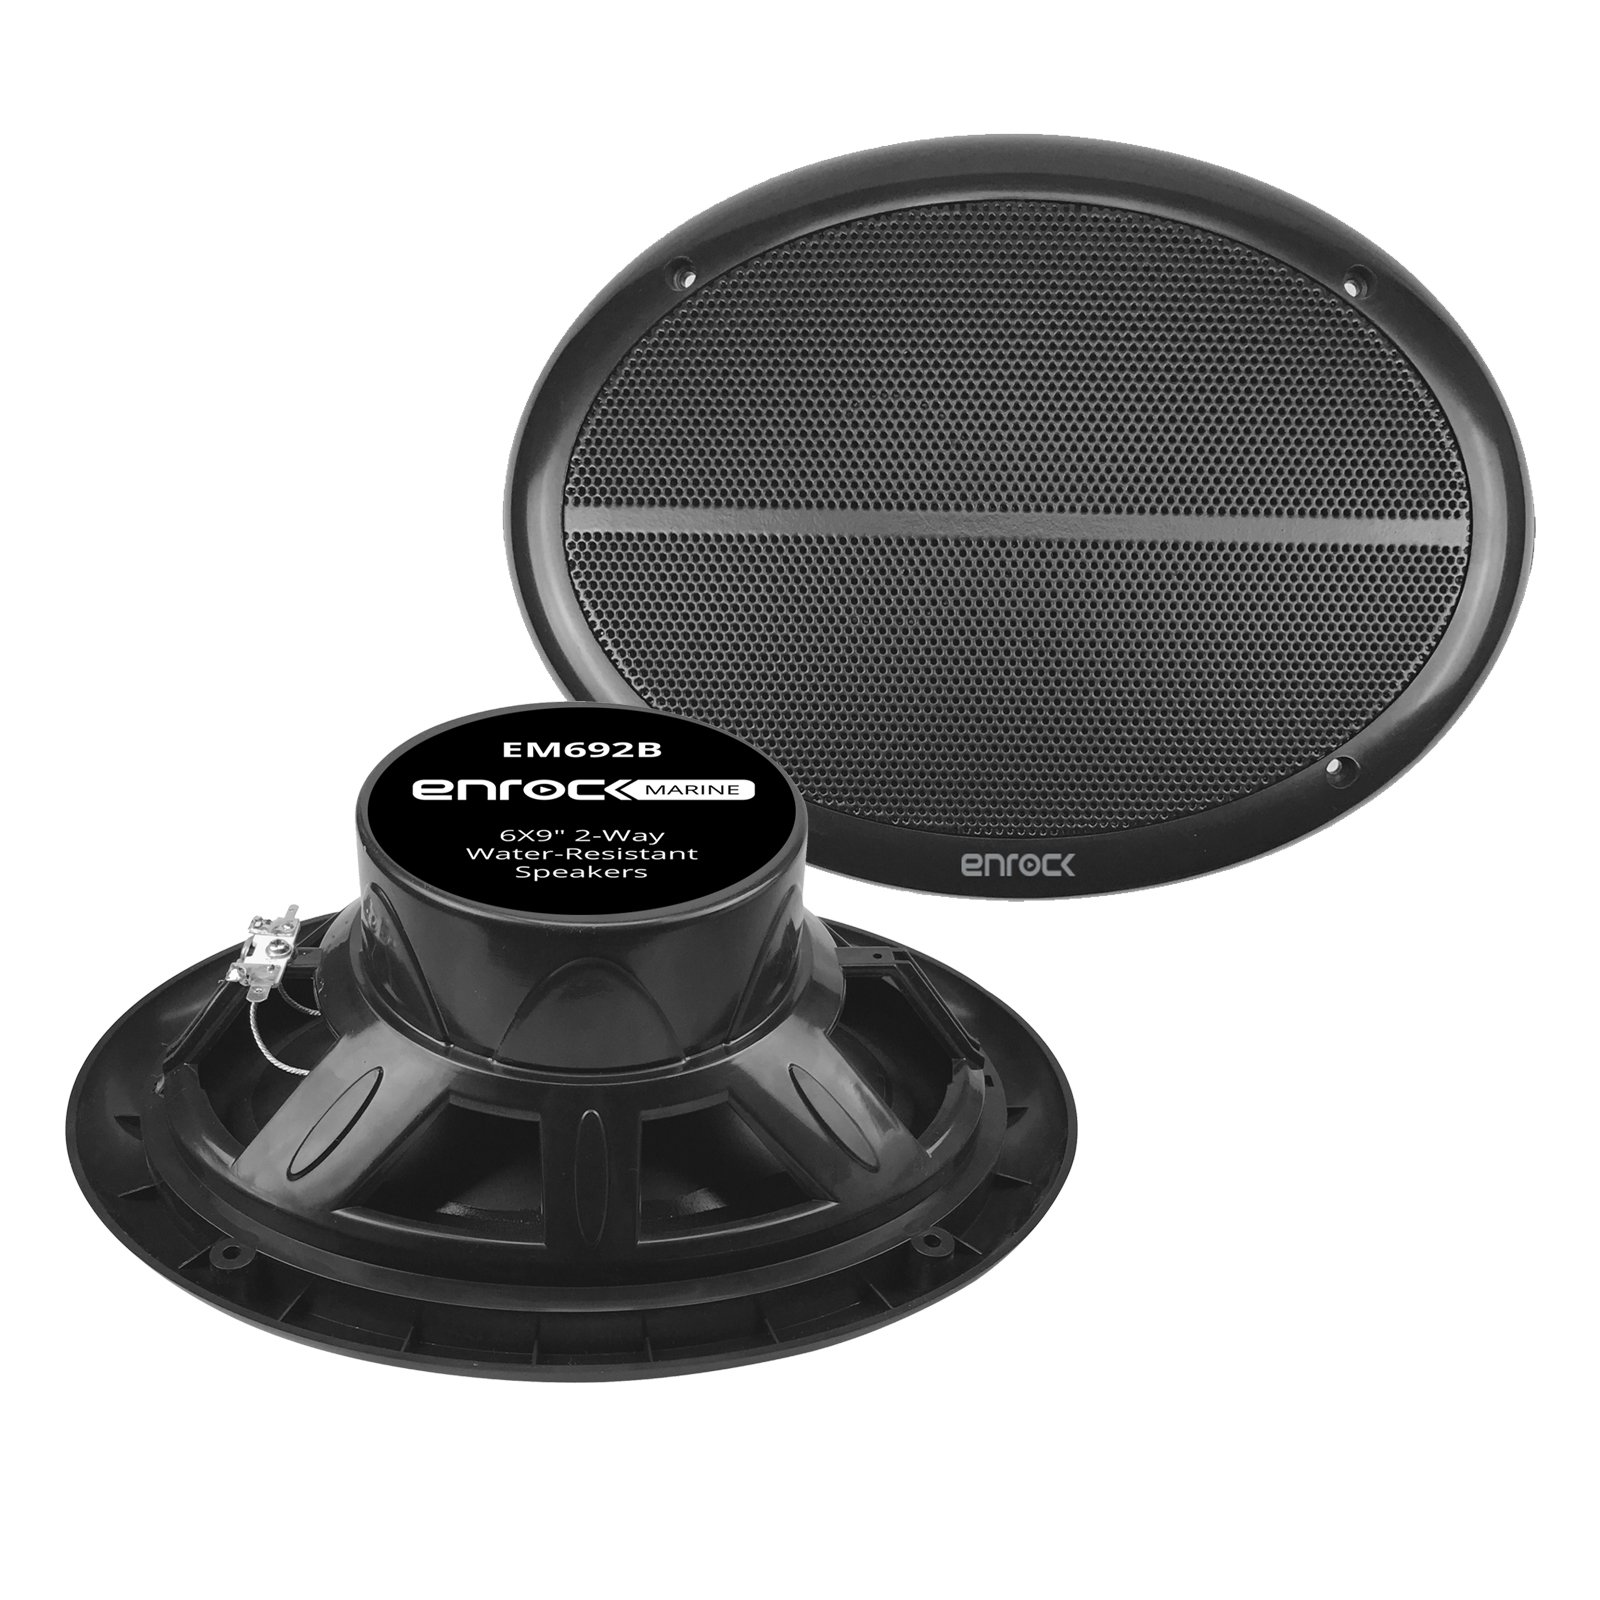 Enrock Marine EM692B Black Dual 6X9 Inch Weather Resistant Full Range Speakers 250 Watts Peak (Pair)